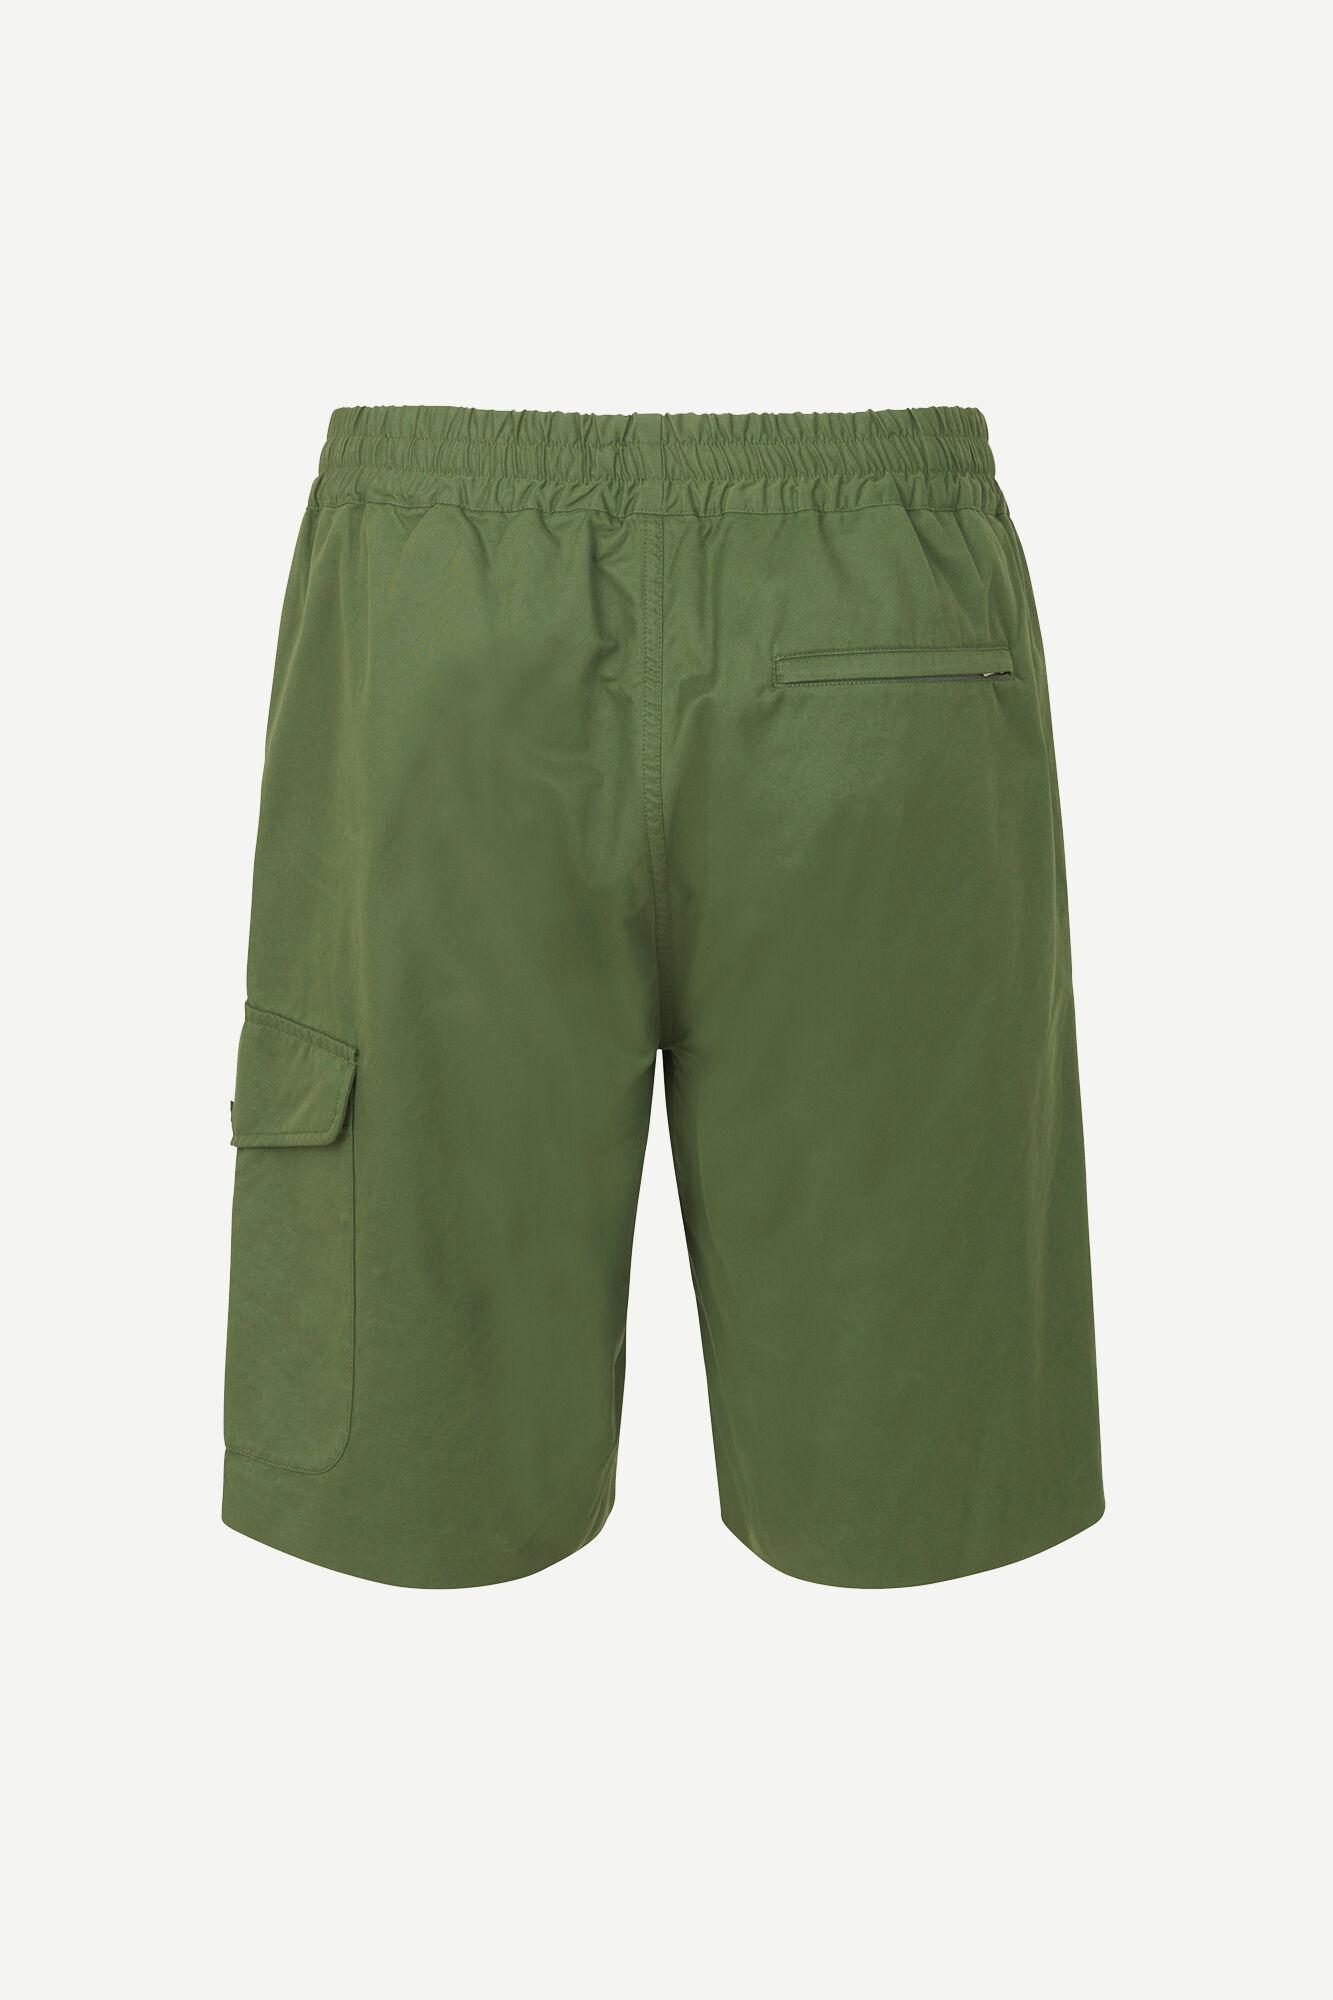 Smithy shorts 11393